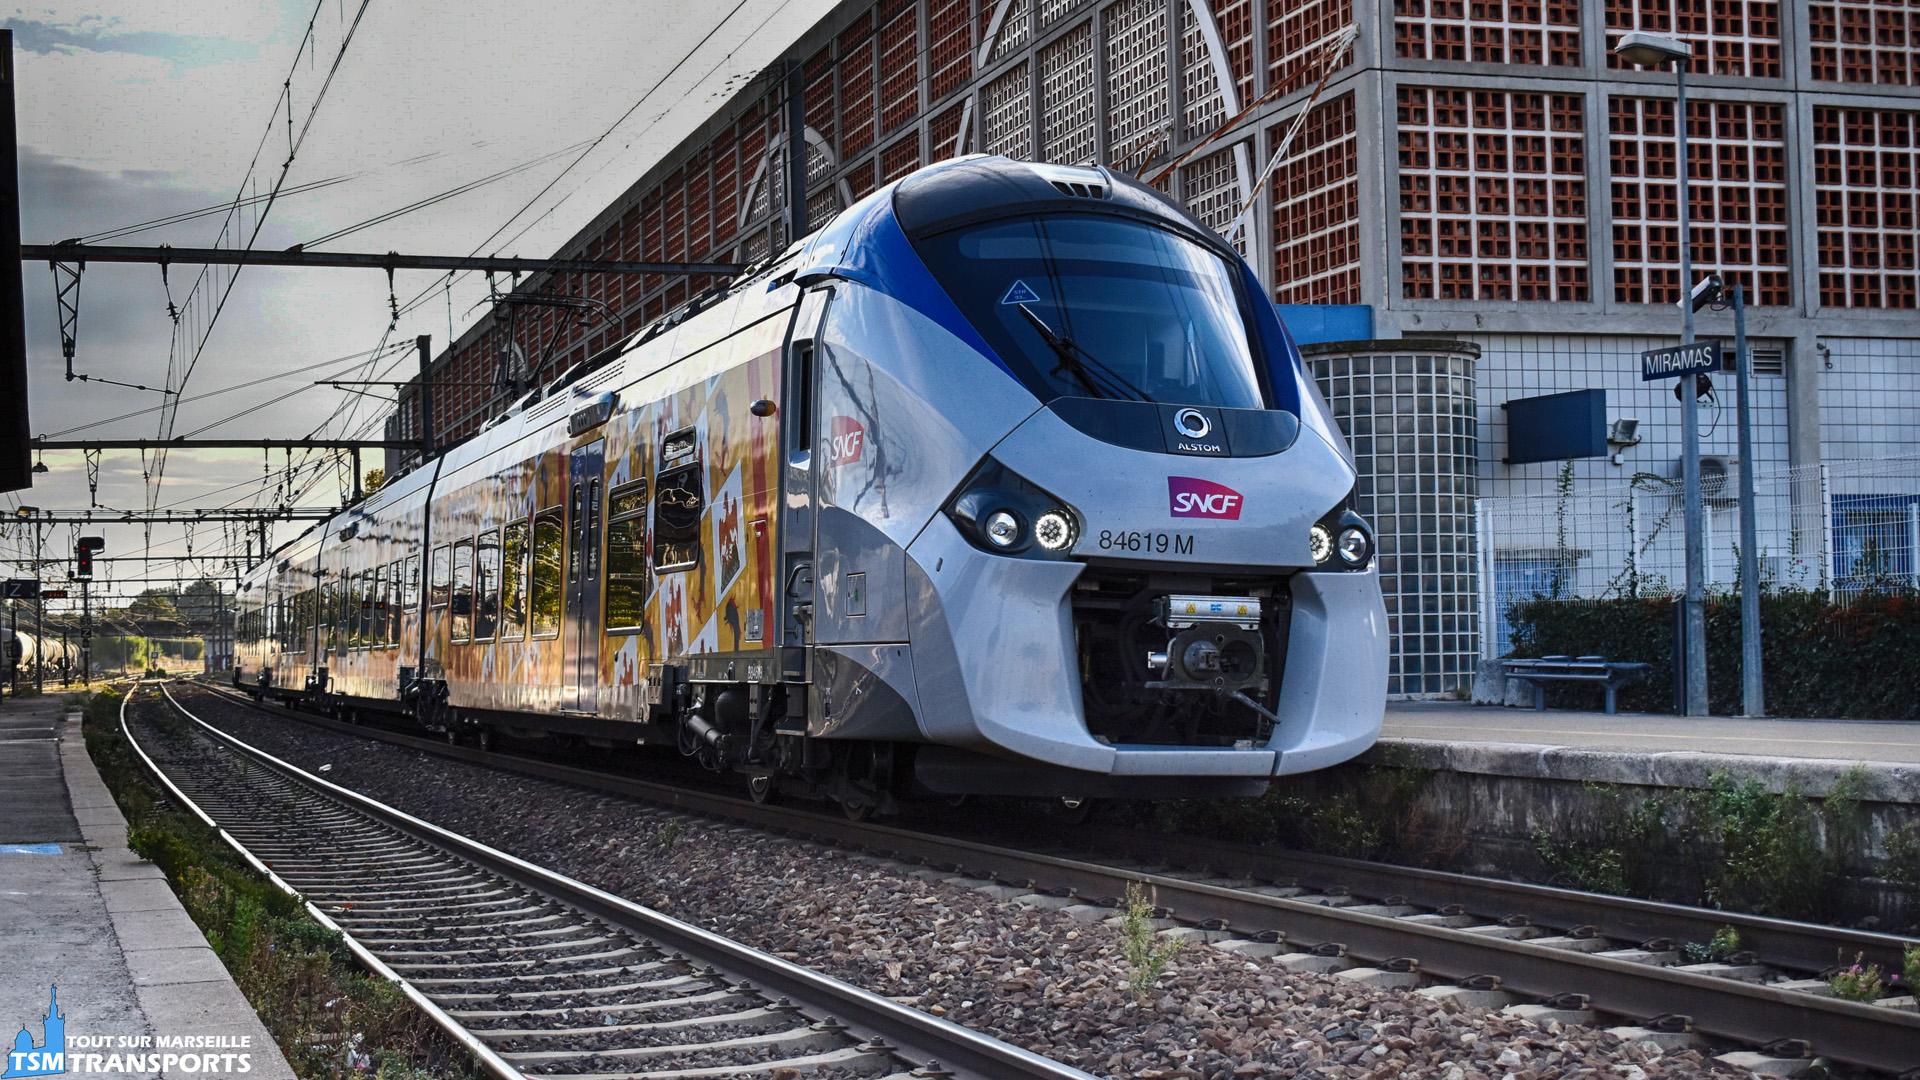 La bien connue B84619 se présente voie 2 en Gare de Miramas. . ℹ️ Alstom Régiolis B84619 M . 📍Gare de Miramas, Avenue Falabregues, Voie 2, Miramas. . ↔️ Inconnue. . 📸 Nikon D5600. . 📷 Nikkor 18-55mm. . 📅 6 octobre 2018 à 09:05 (Fête du train à Miramas). . 👨 Sébastien ESPOSITO encore un peu endormi.